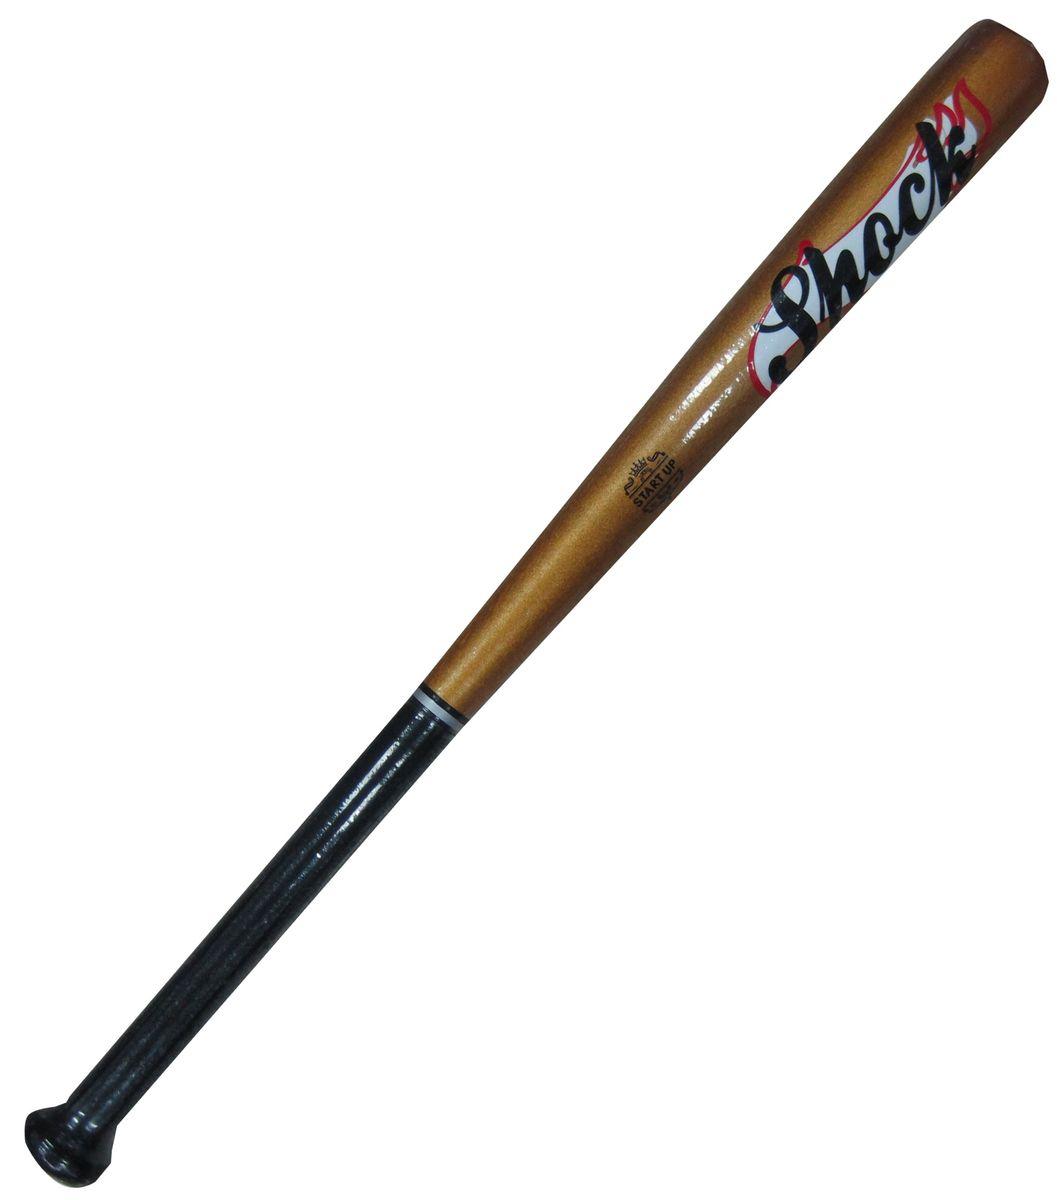 Бита бейсбольная Start UP R Shock, цвет: золото, 26120330_yellow/blackБейсбольная бита Start Up выполнена из каучукового дерева, а это значит, что она невероятно прочная и плотная. Размер - 26 (66 см).